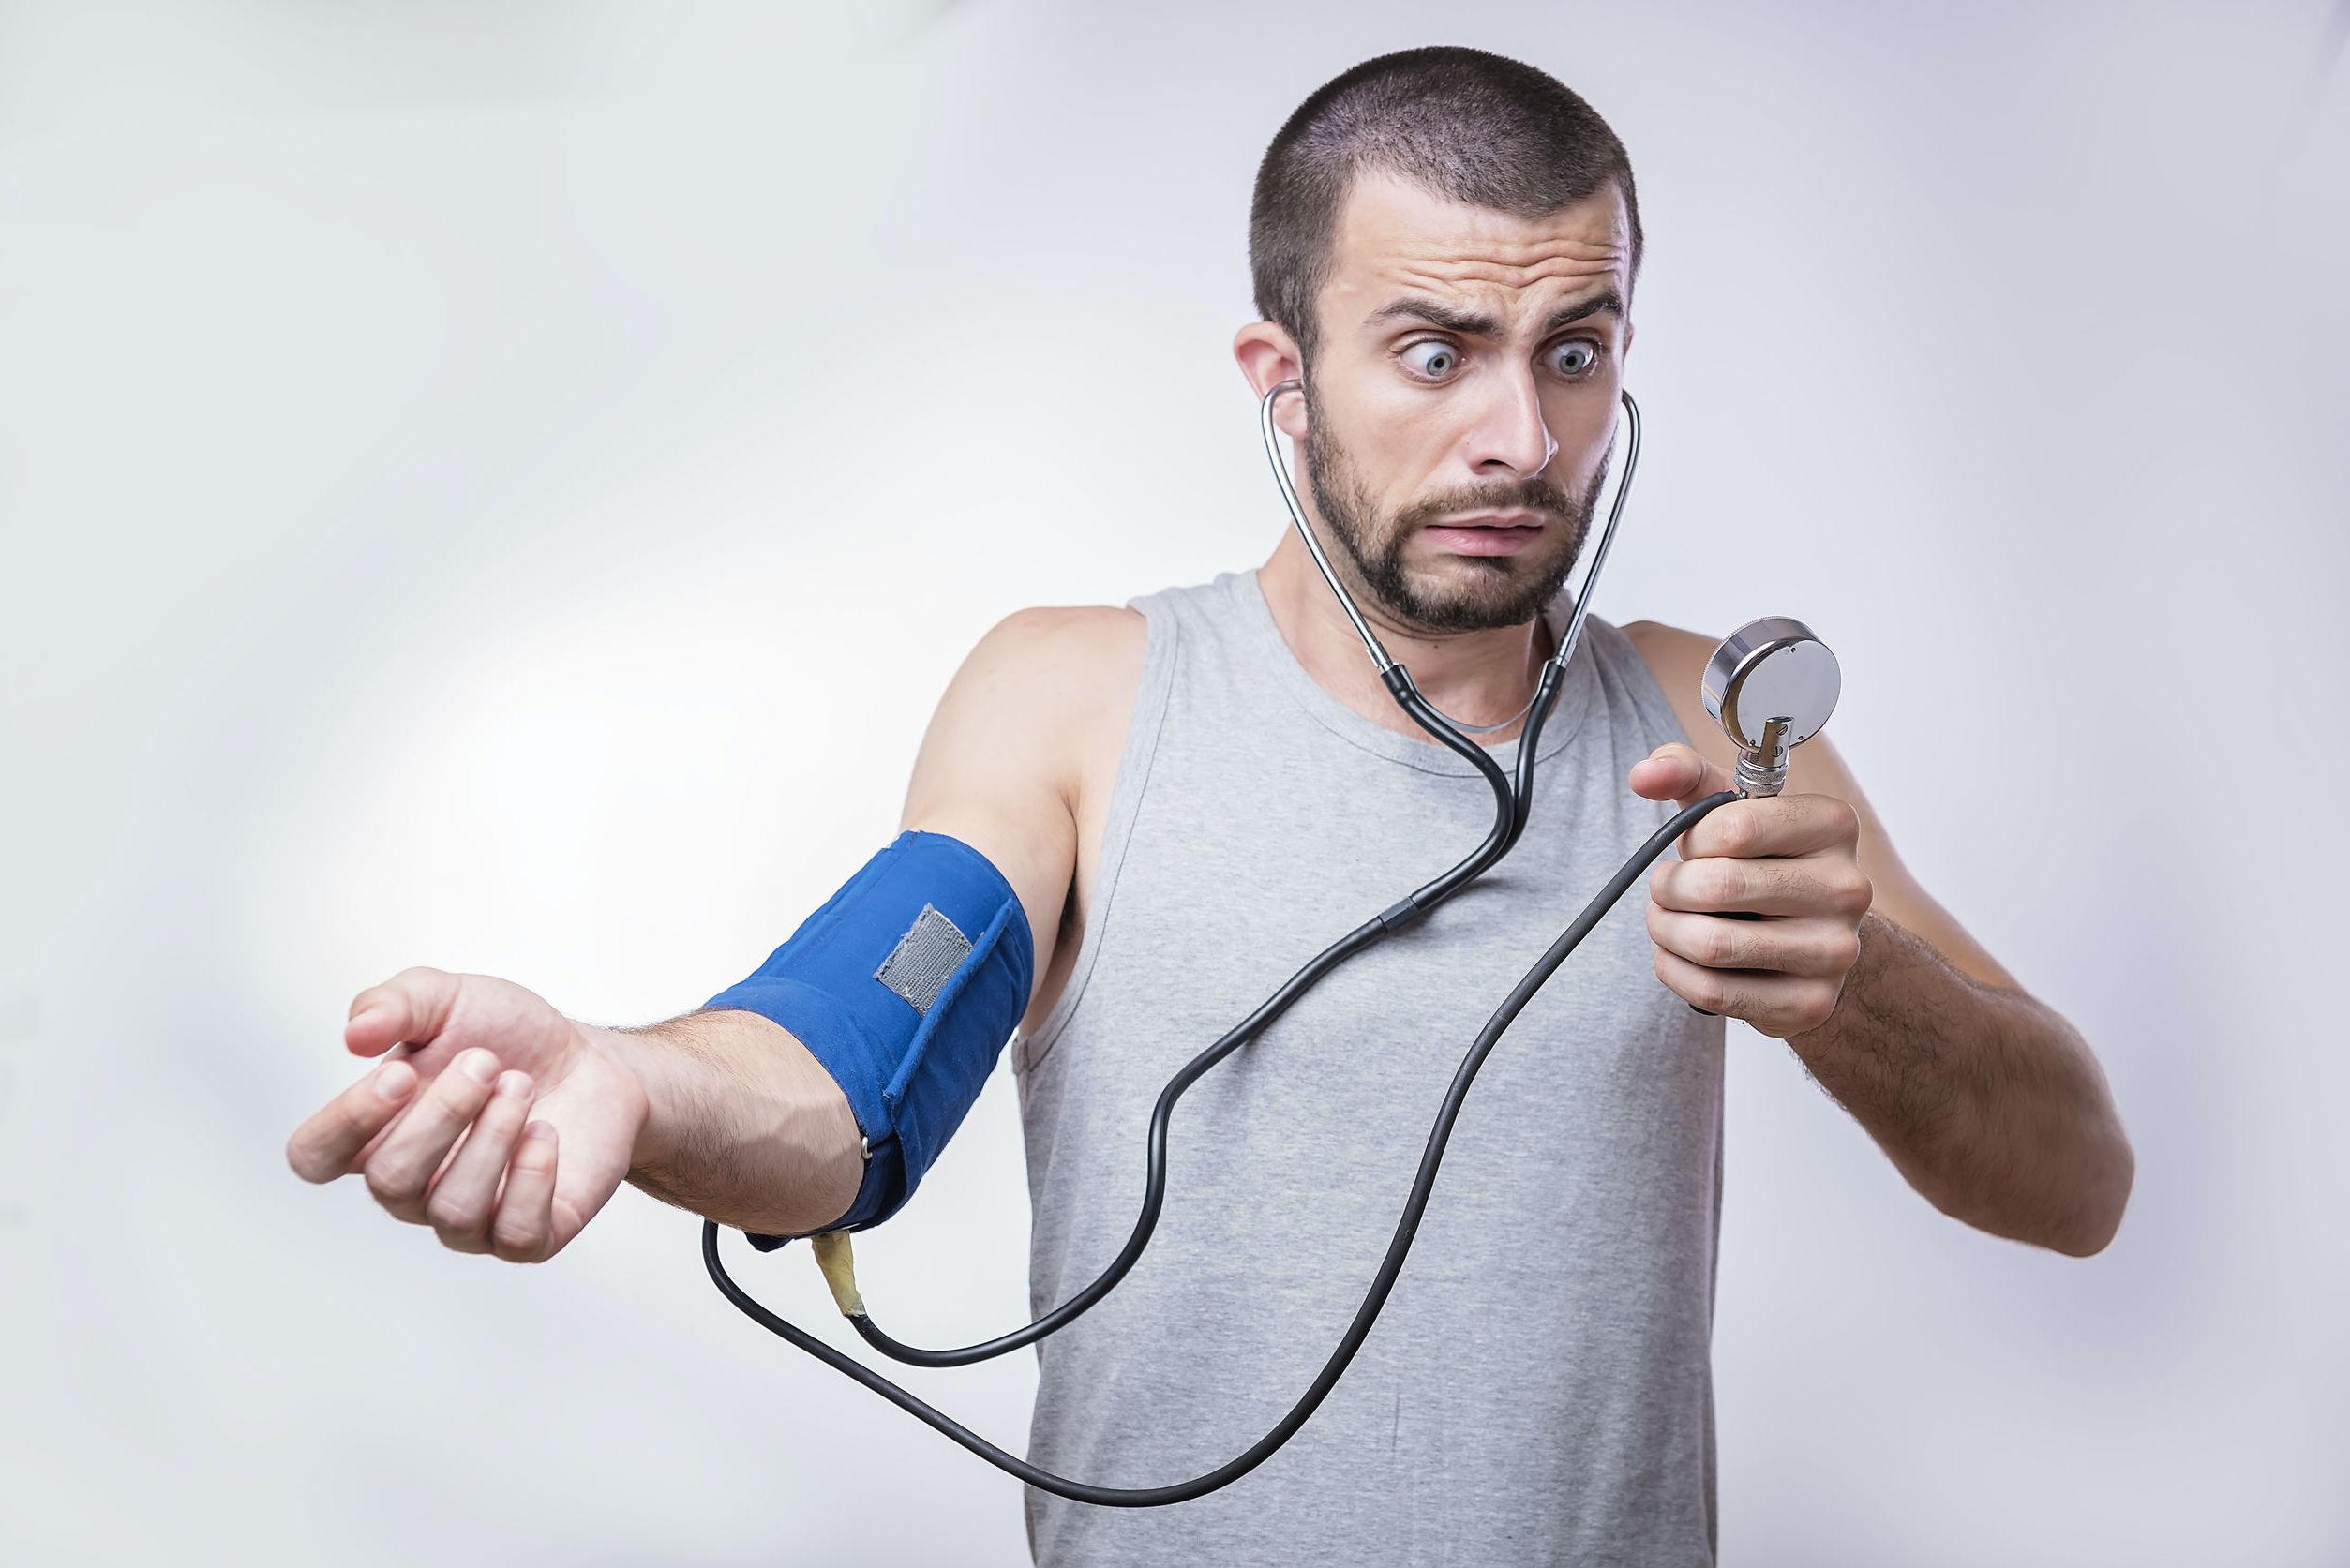 magas vérnyomás amelyet jobb bevenni hipertónia megnyilvánulási jelei